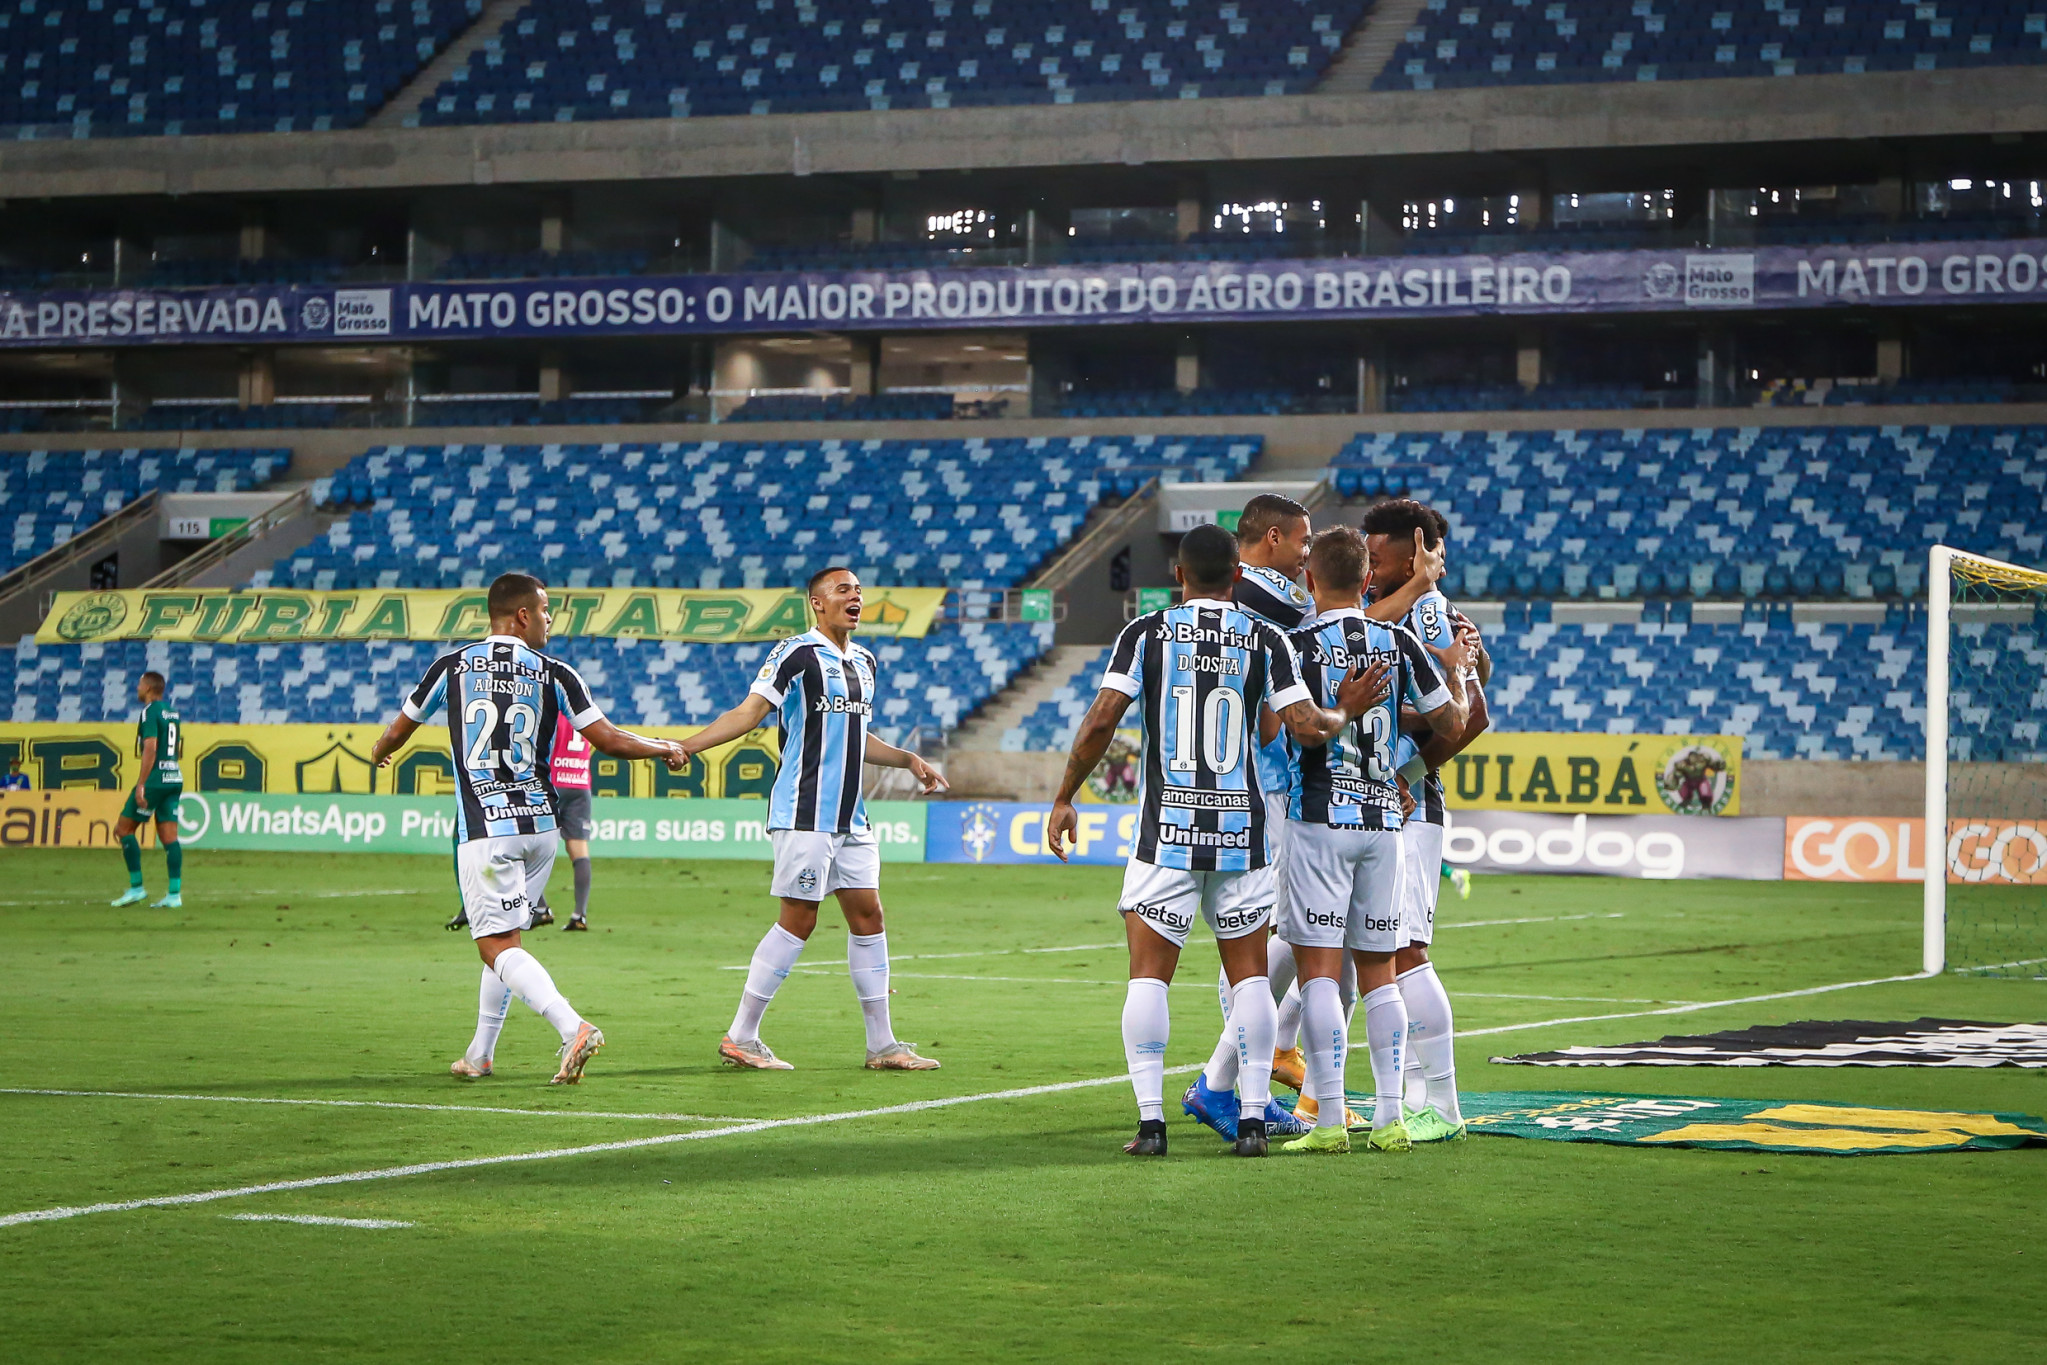 Grêmio vence Cuiabá, em jogo adiado, válido pela 5ª rodada do Brasileirão